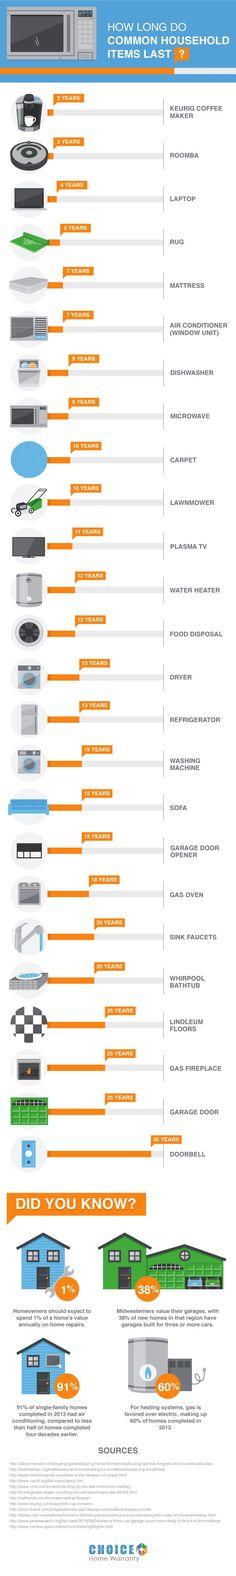 How Long Appliances Last